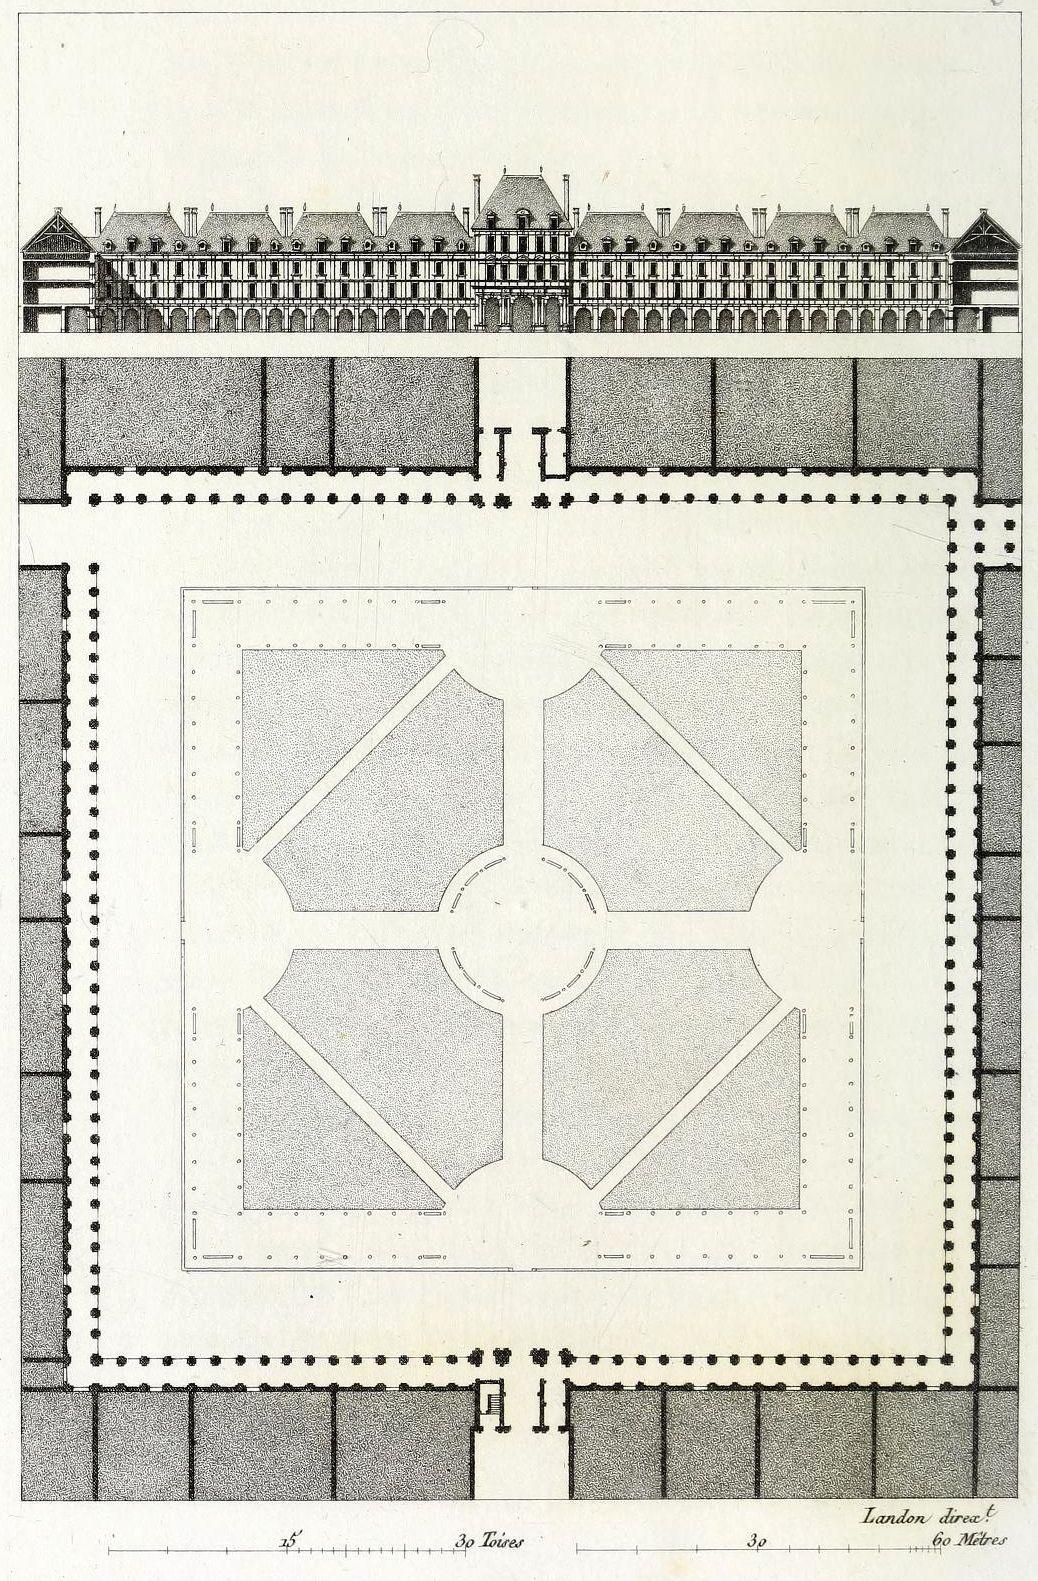 Plan Elevation En Anglais : Elevation and plan of the place des vosges paris